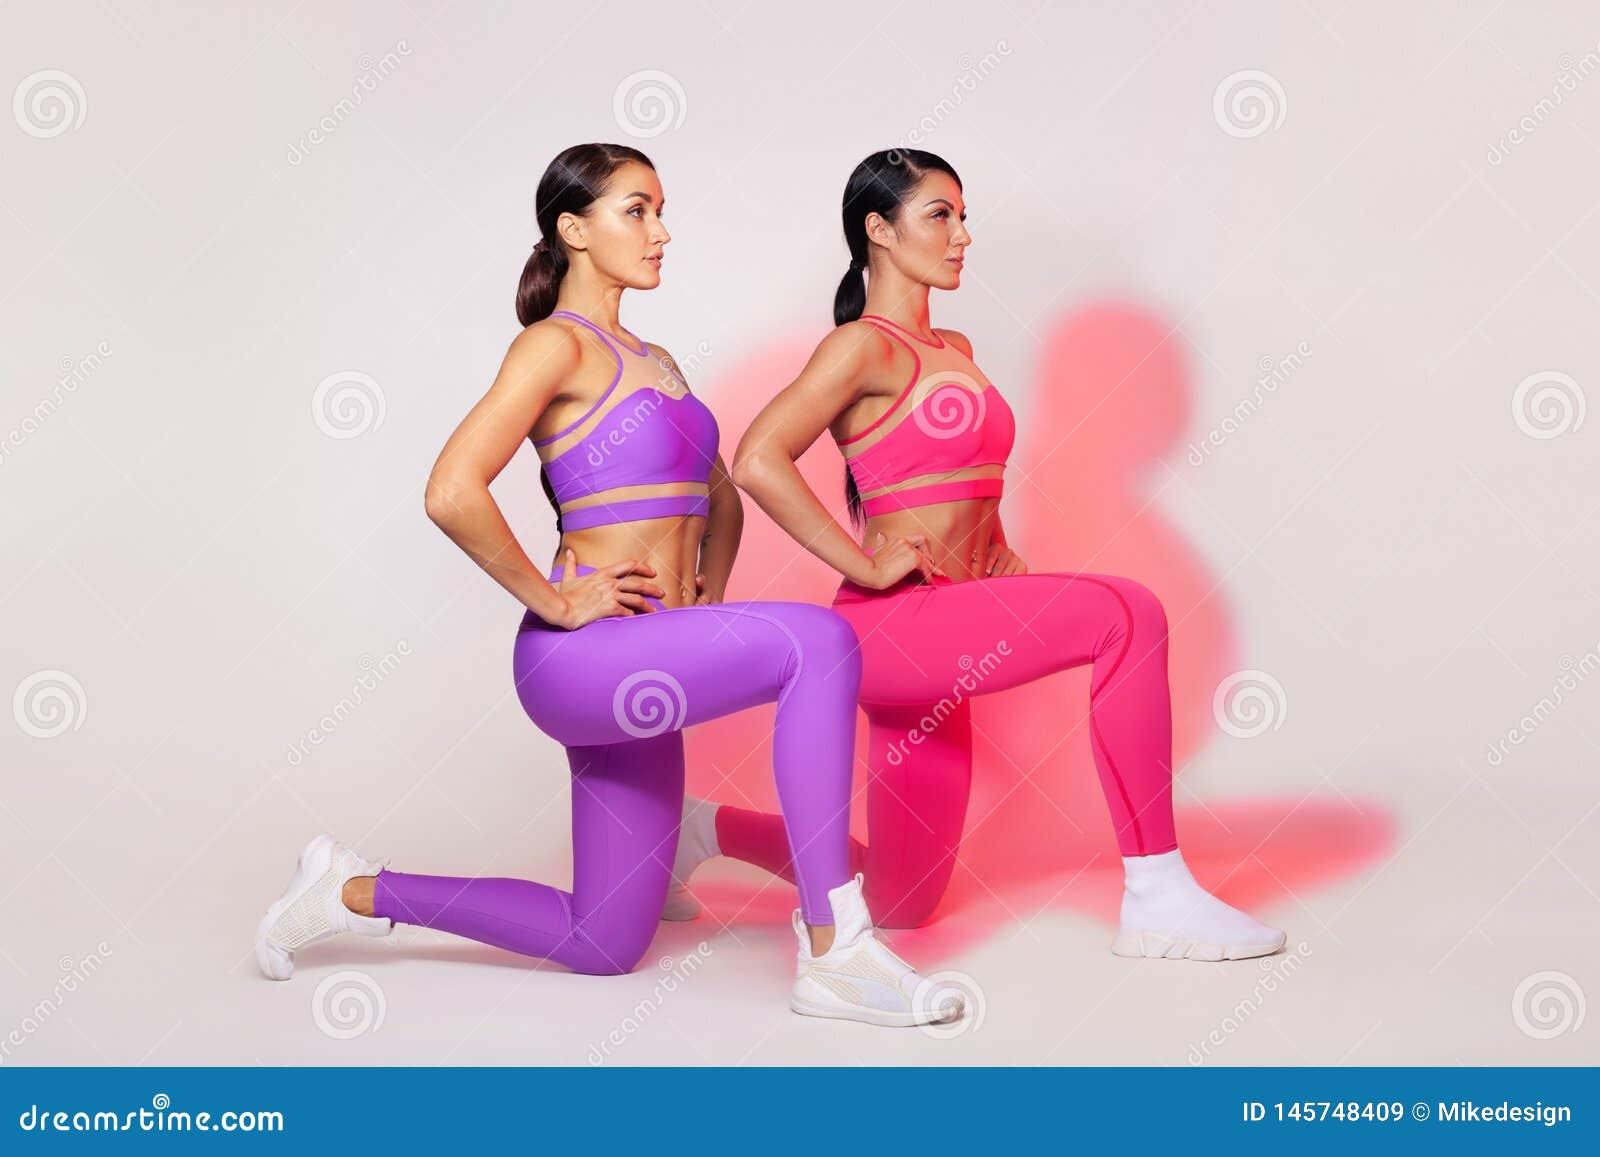 Ισχυρή αθλητική γυναίκα, που κάνει την άσκηση στο άσπρο υπόβαθρο που φορά sportswear Ικανότητα και αθλητικό κίνητρο